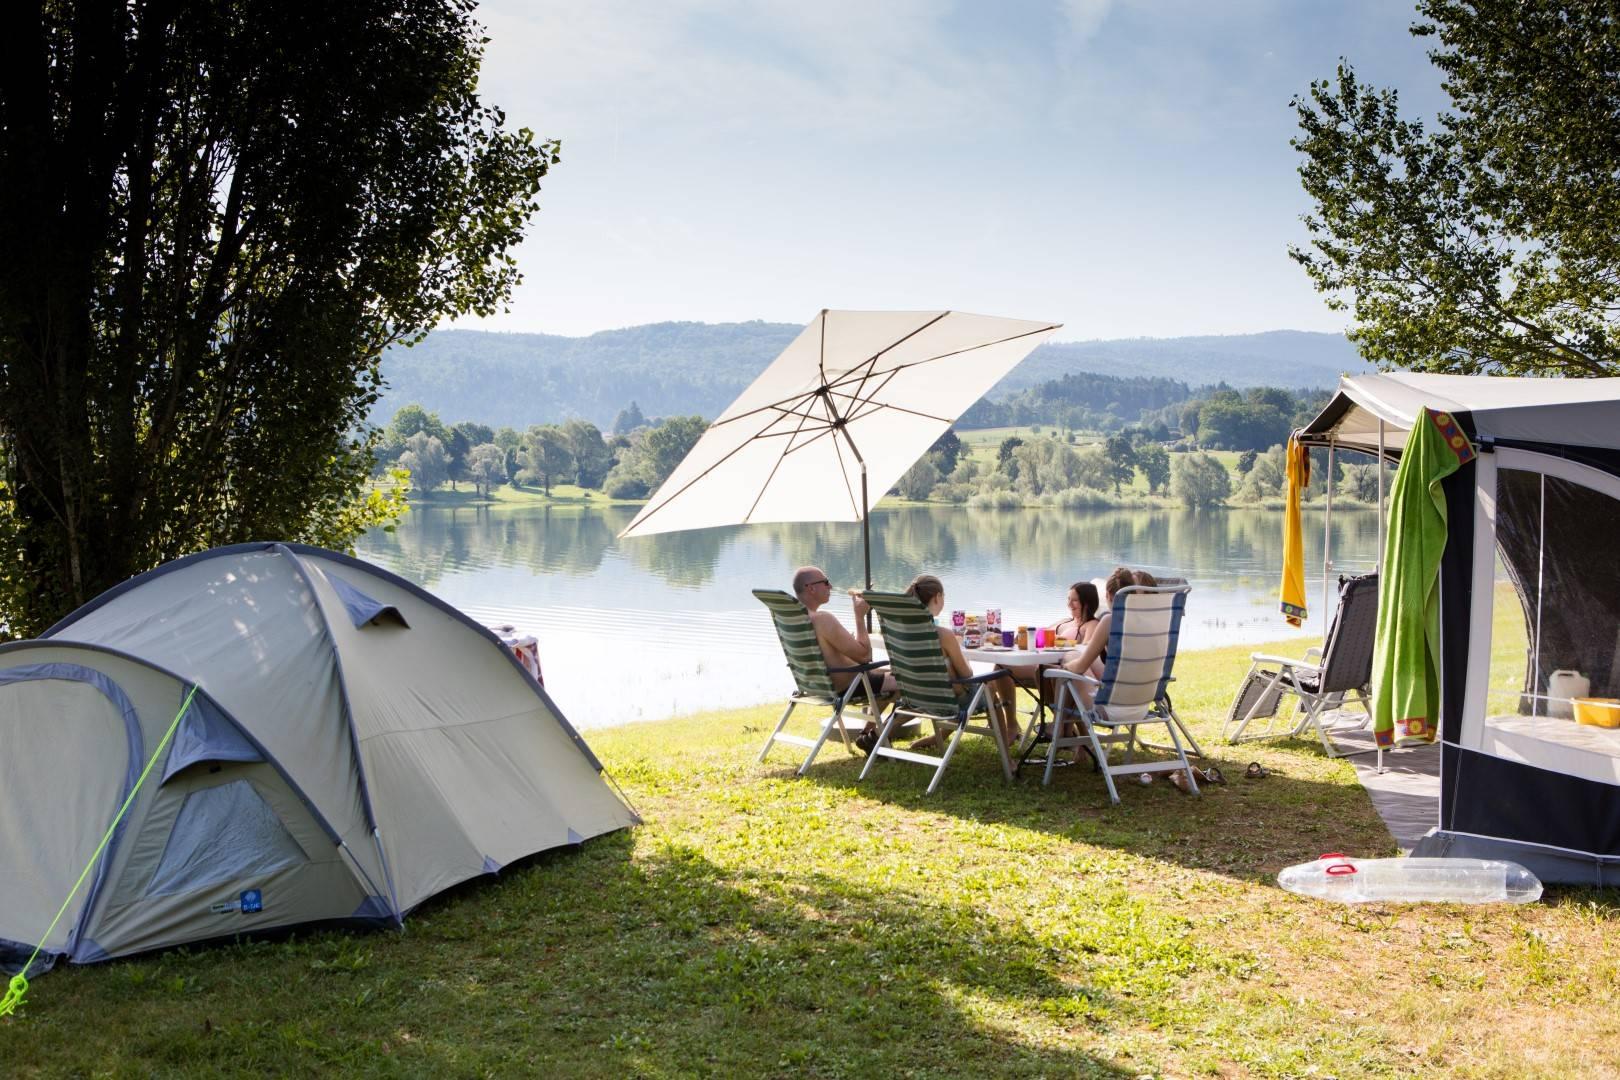 Топ-7 мест в европе, куда стоит отправиться на отдых с палаткой — soulblog.ru